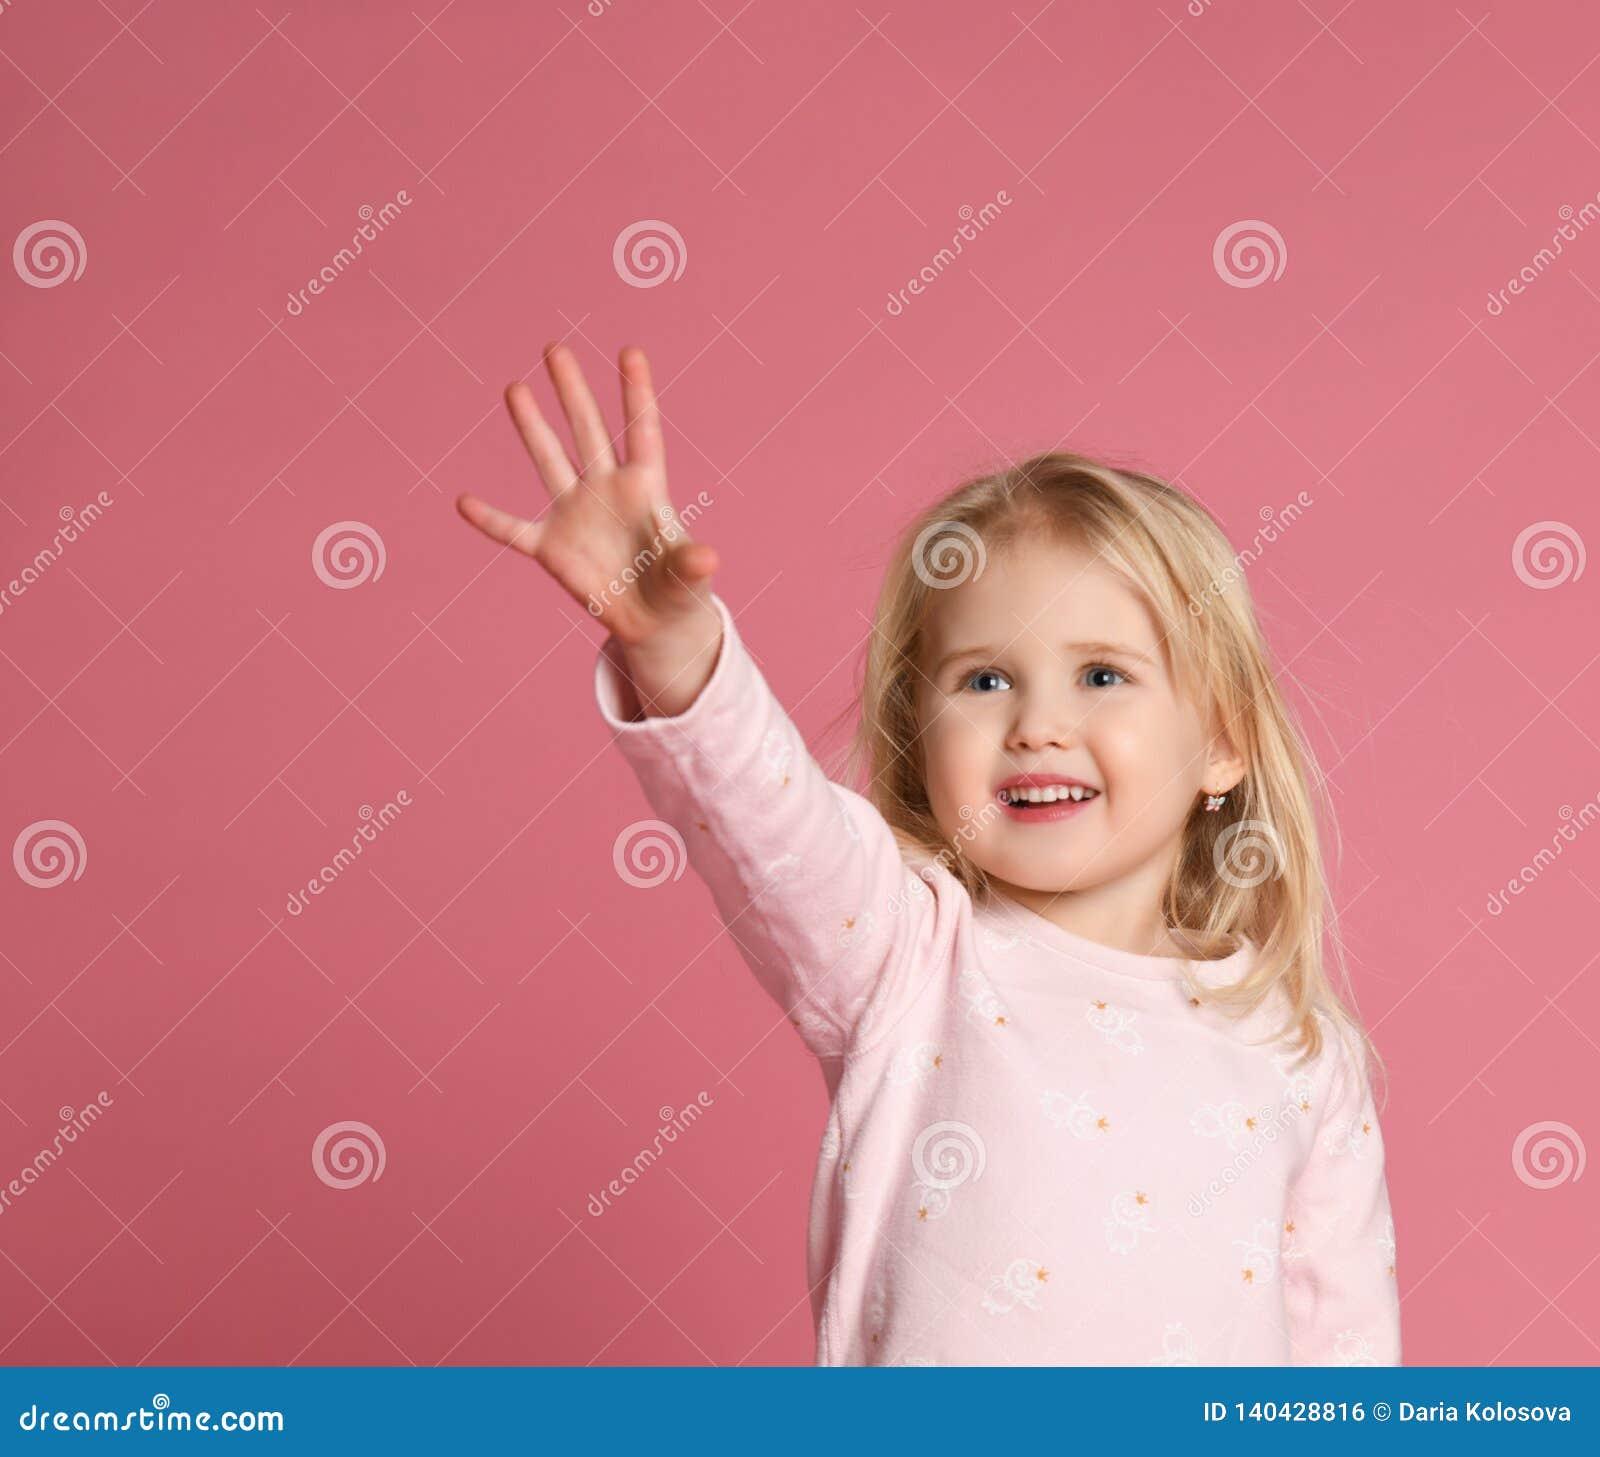 Weinig leuk blonde van het meisjeskind in een roze kostuum is schuw op een roze achtergrond